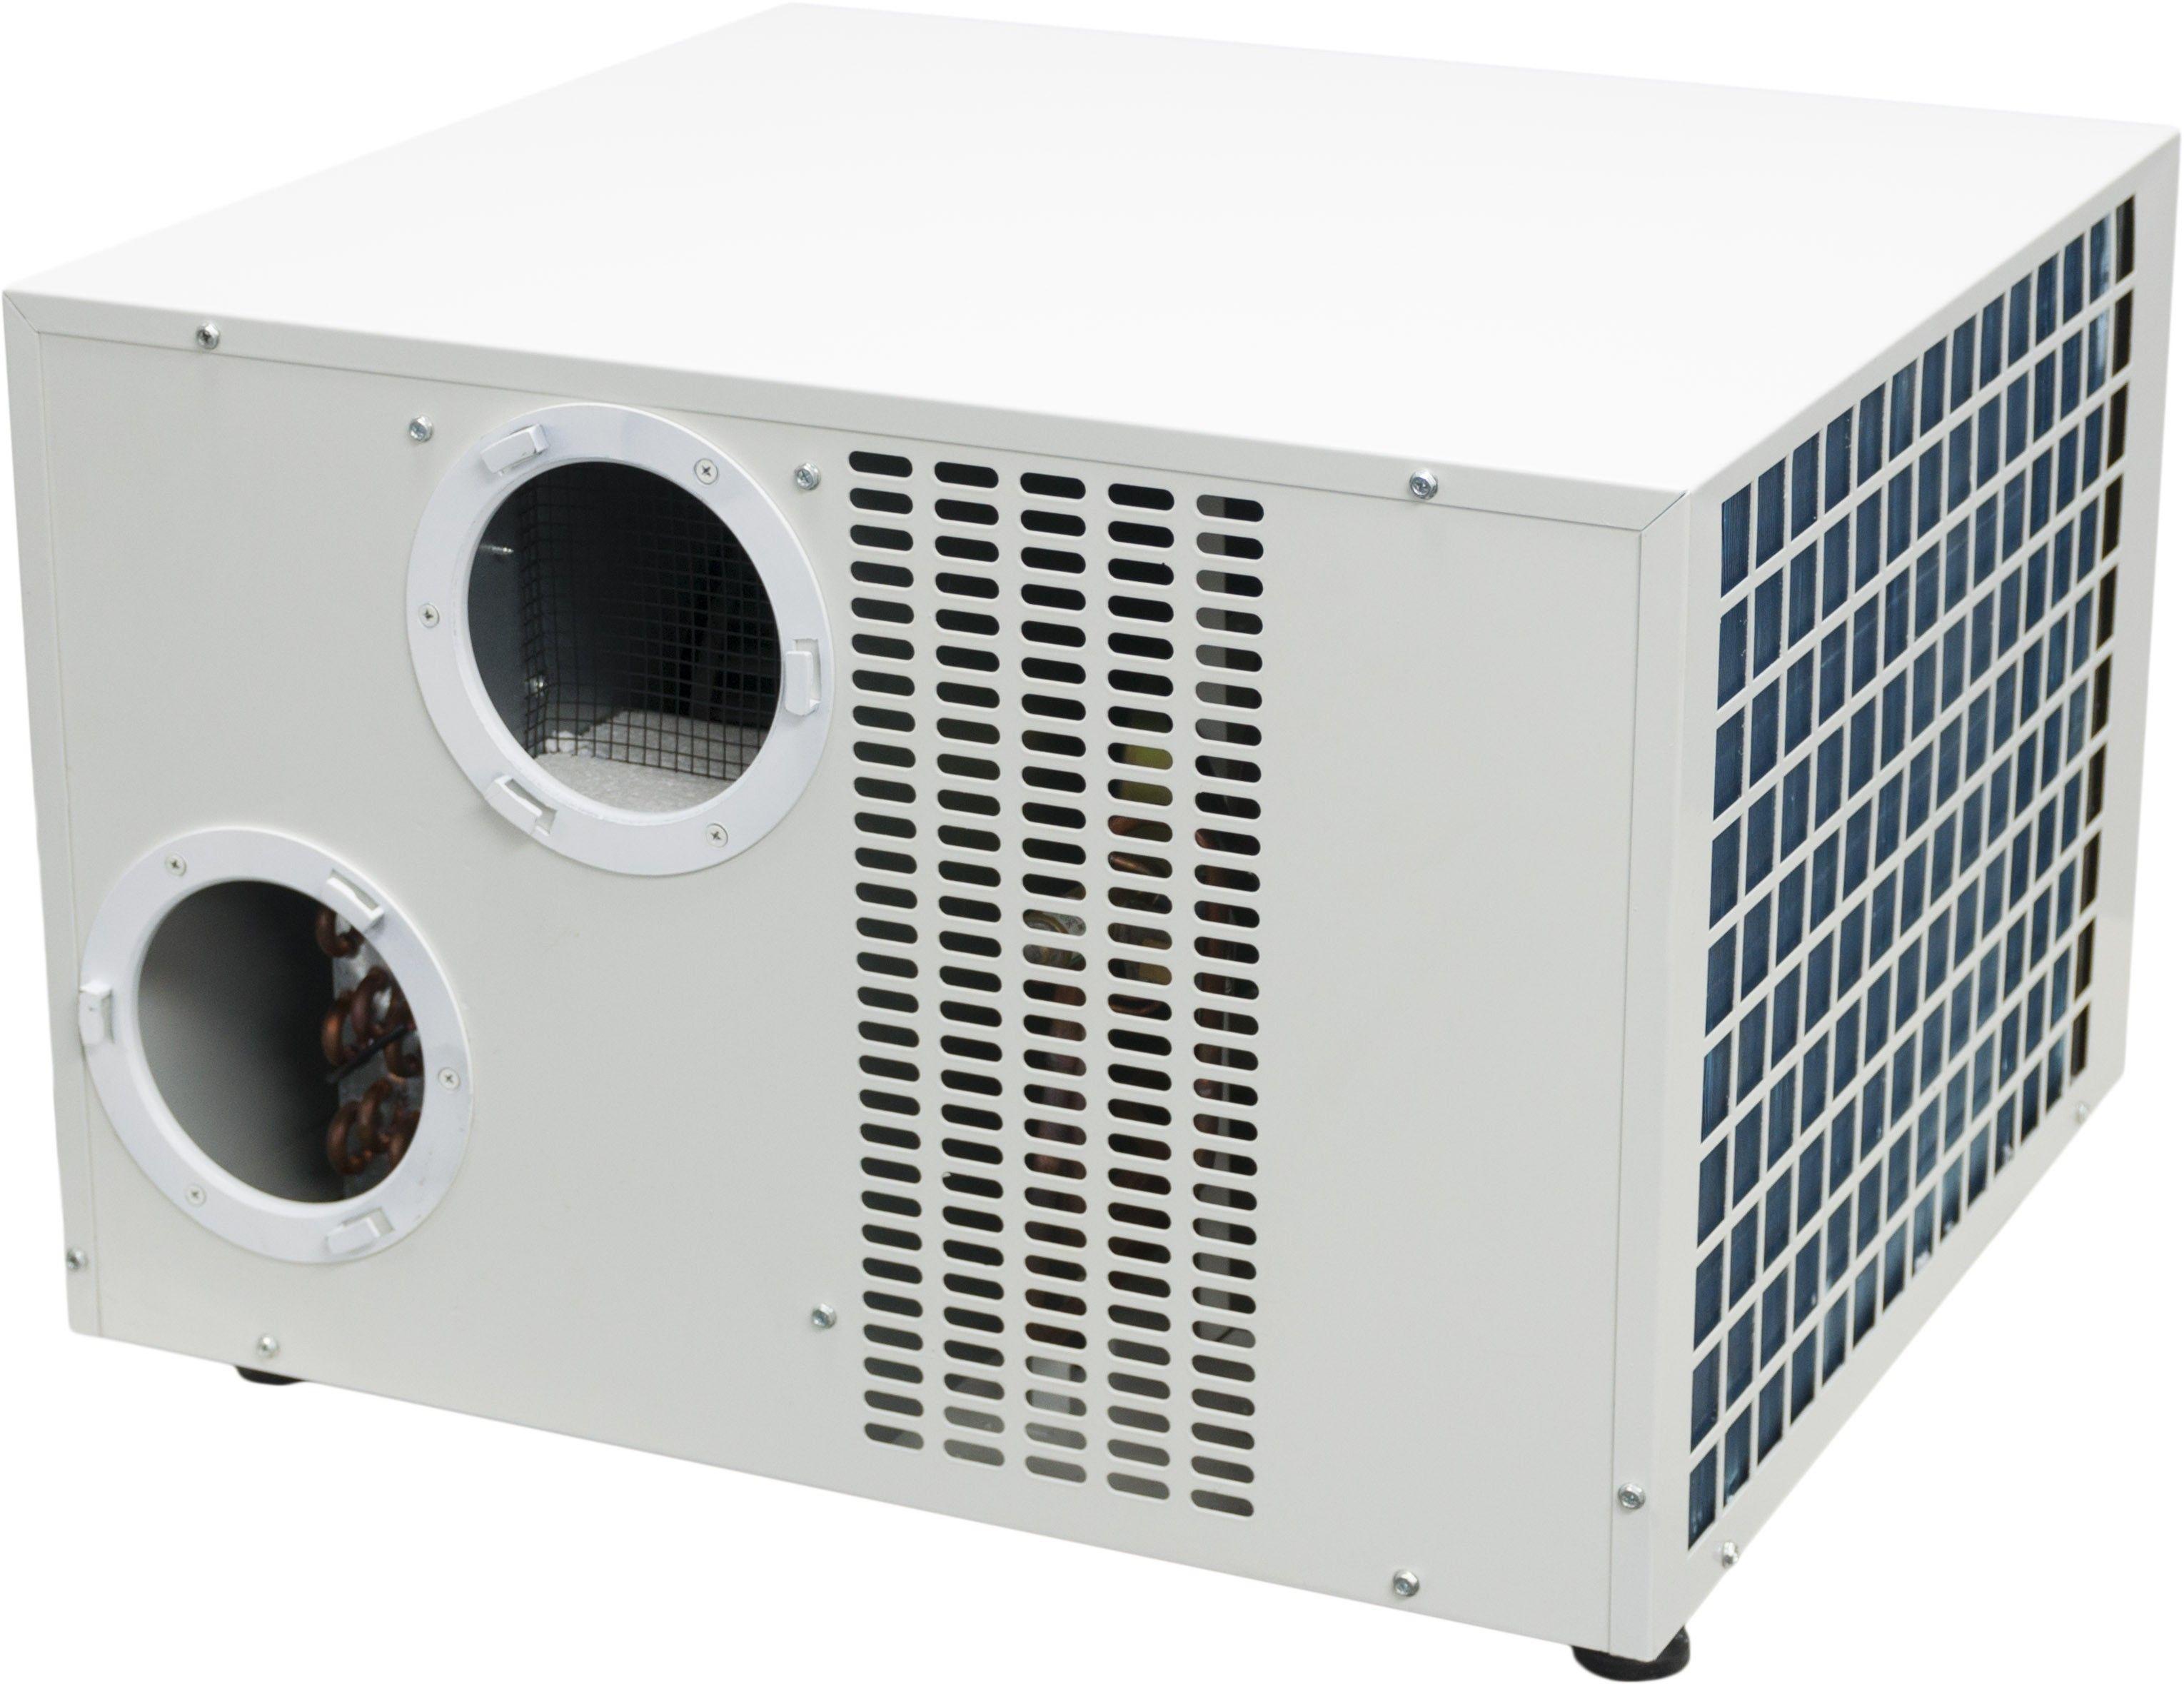 air heat with aqua zone inverter comfort pump split comforter tri conditioner htm product btu pridiom